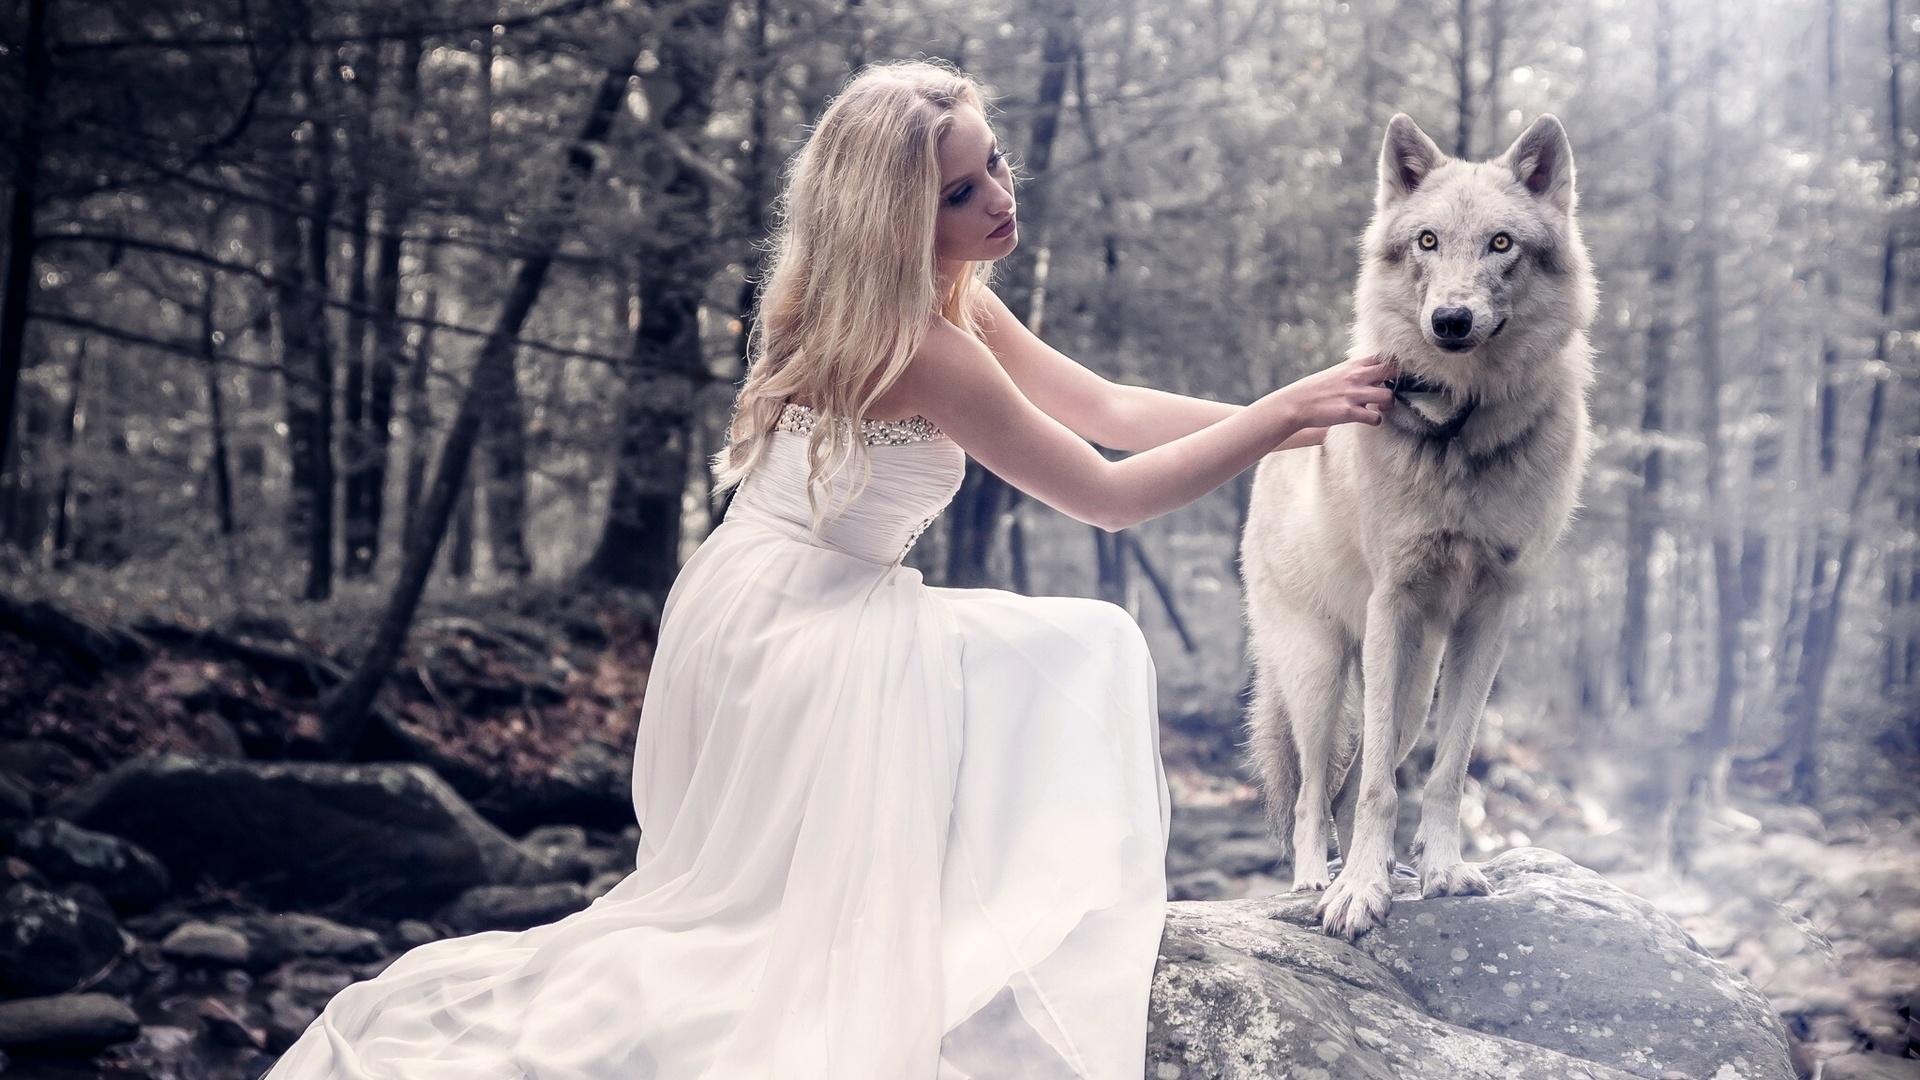 Картинки девушка и волк, изображением зайца